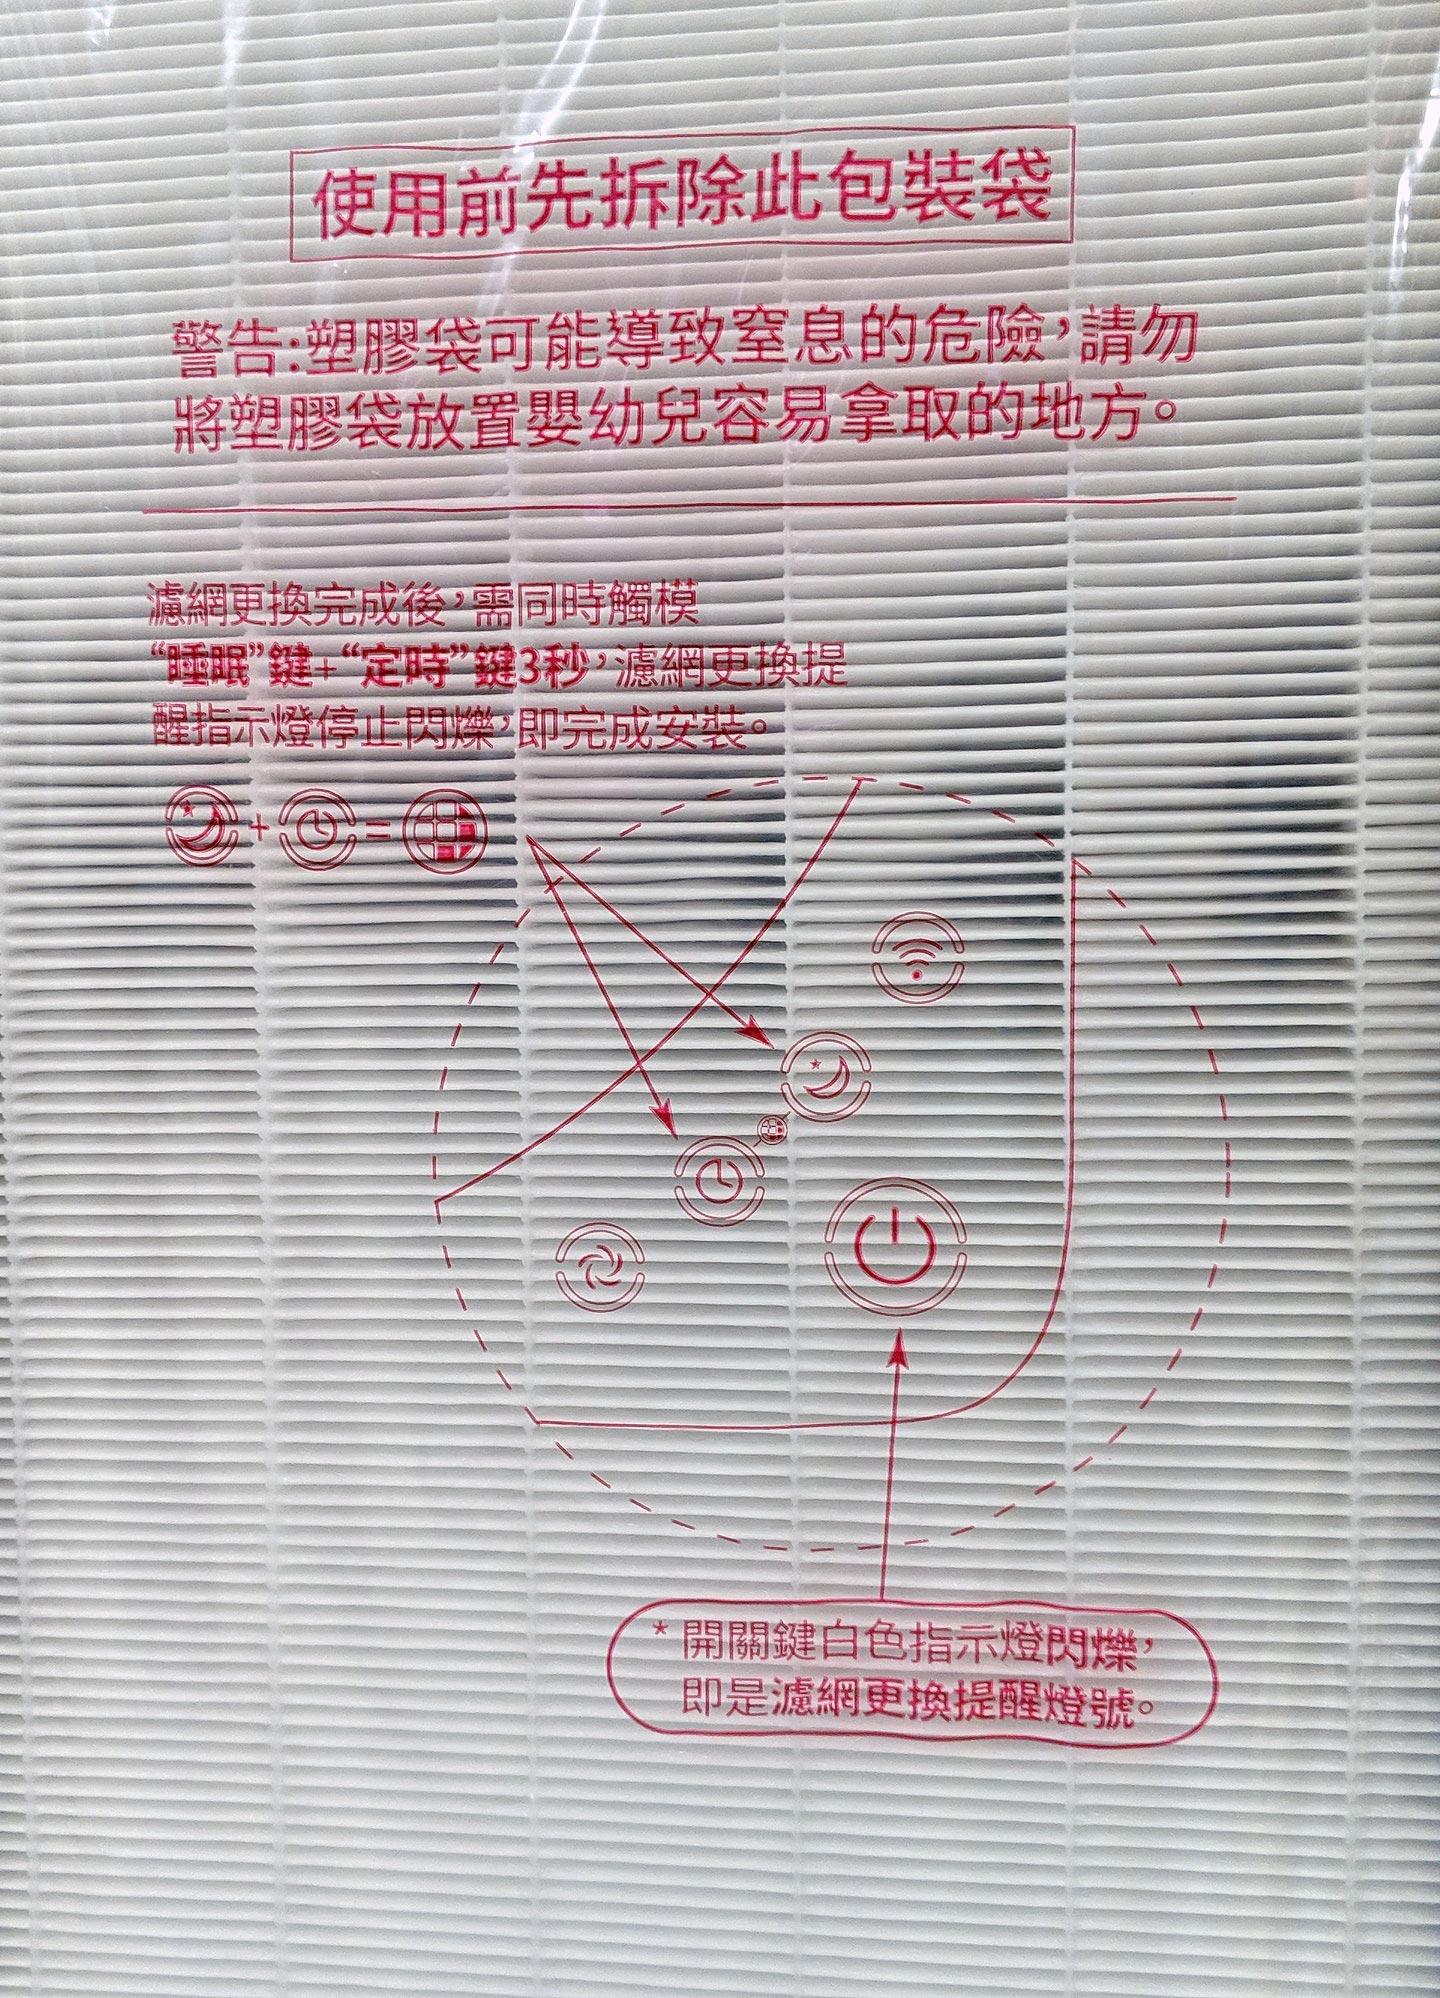 在機器出廠時,HEPA 初合式濾網有使用包裝袋密封,因此使用前別忘了先拆除。